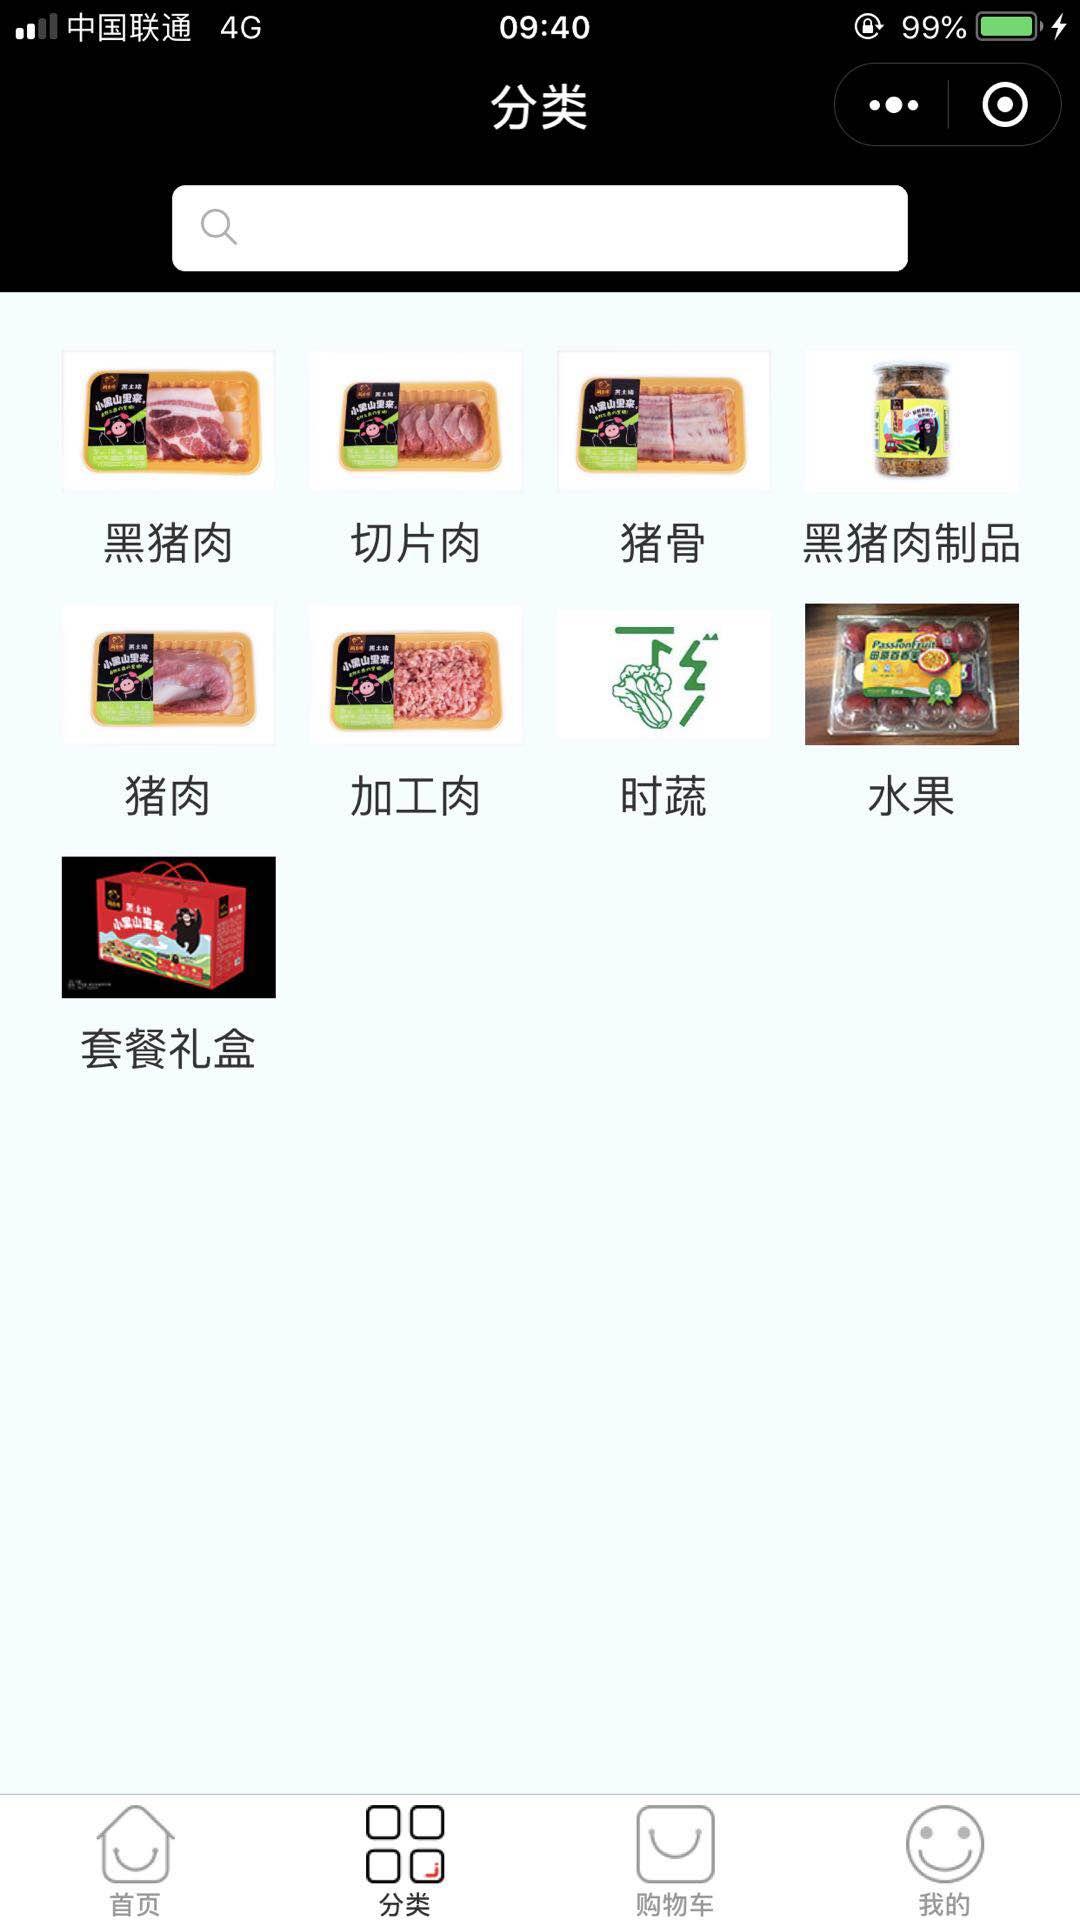 m3 闽香源多门店超市小程序